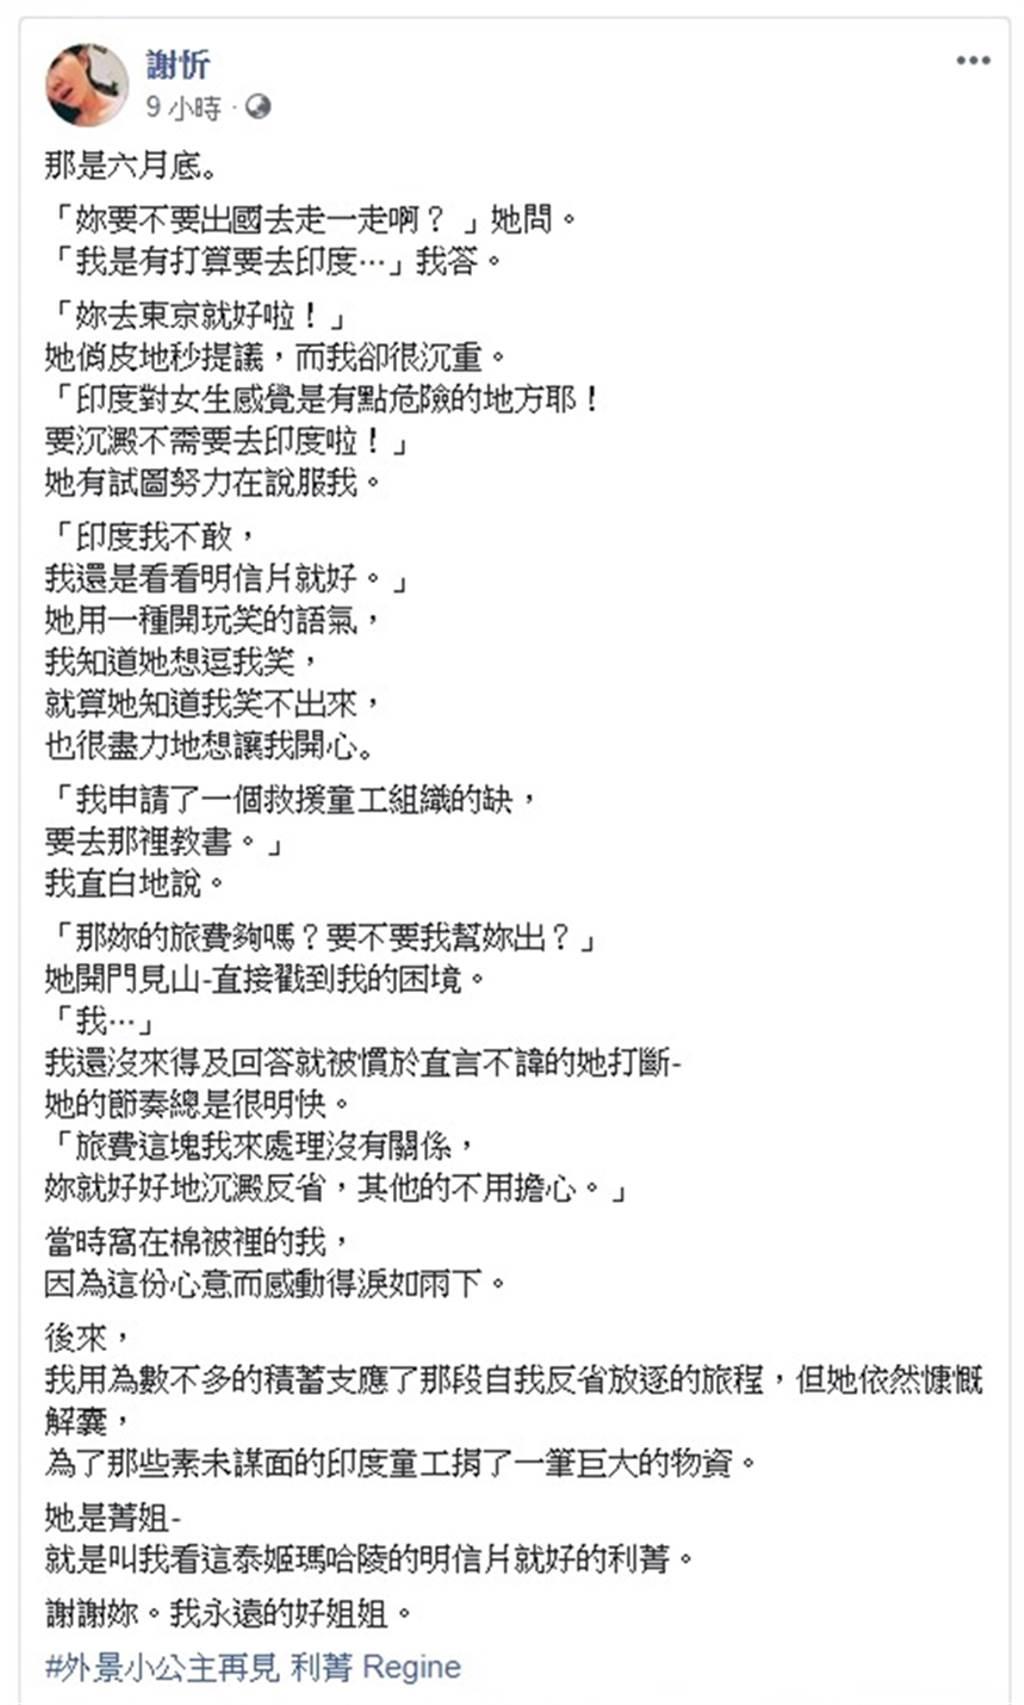 謝忻分享利菁6月時貼心金援。(圖/翻攝自謝忻臉書)